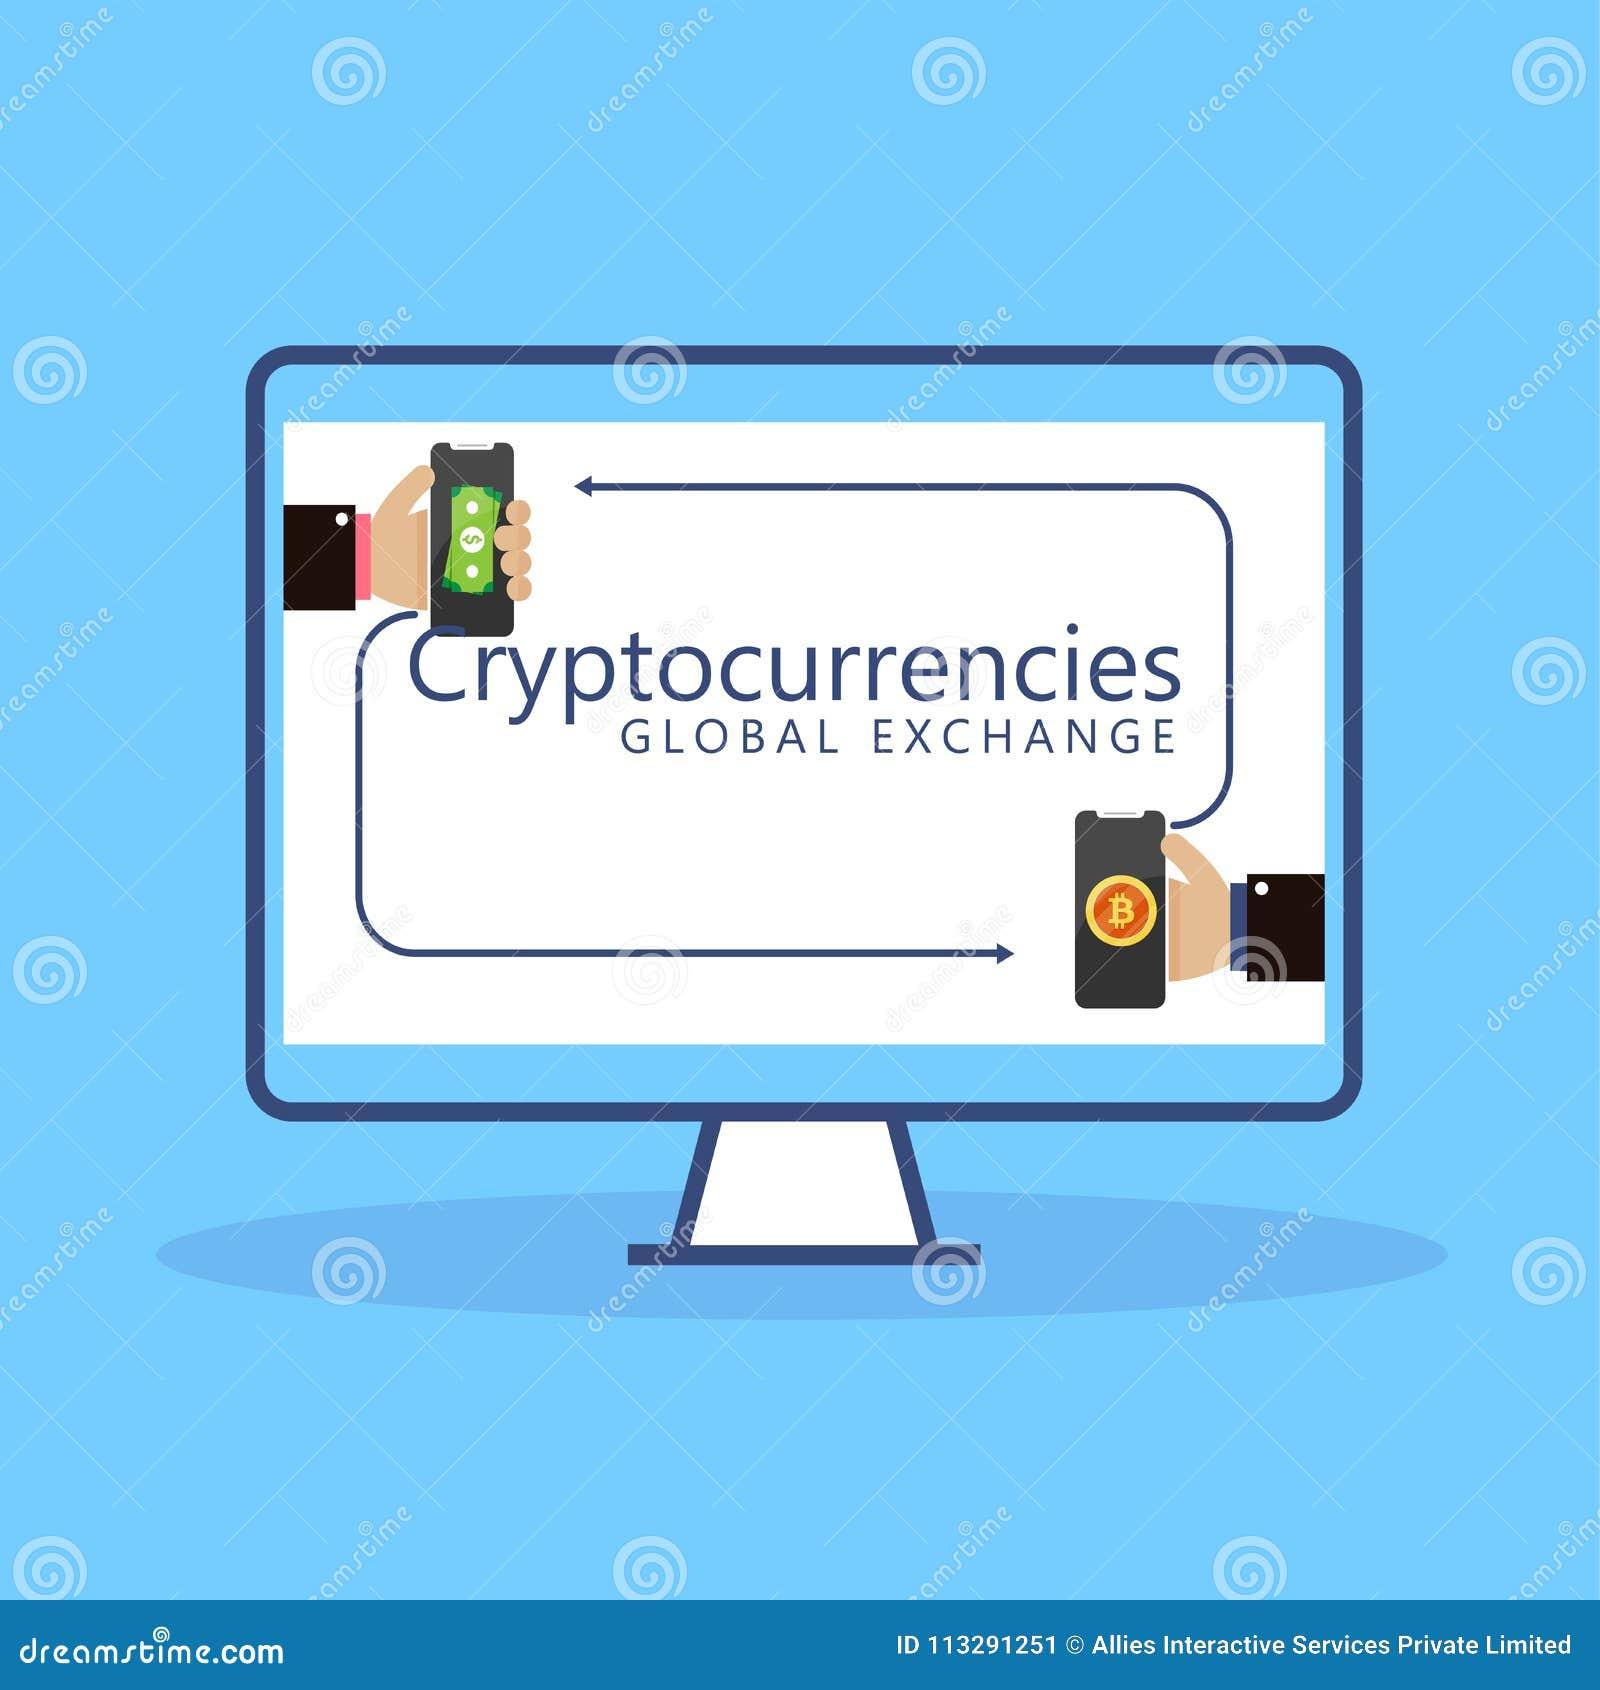 global exchange cryptocurrency